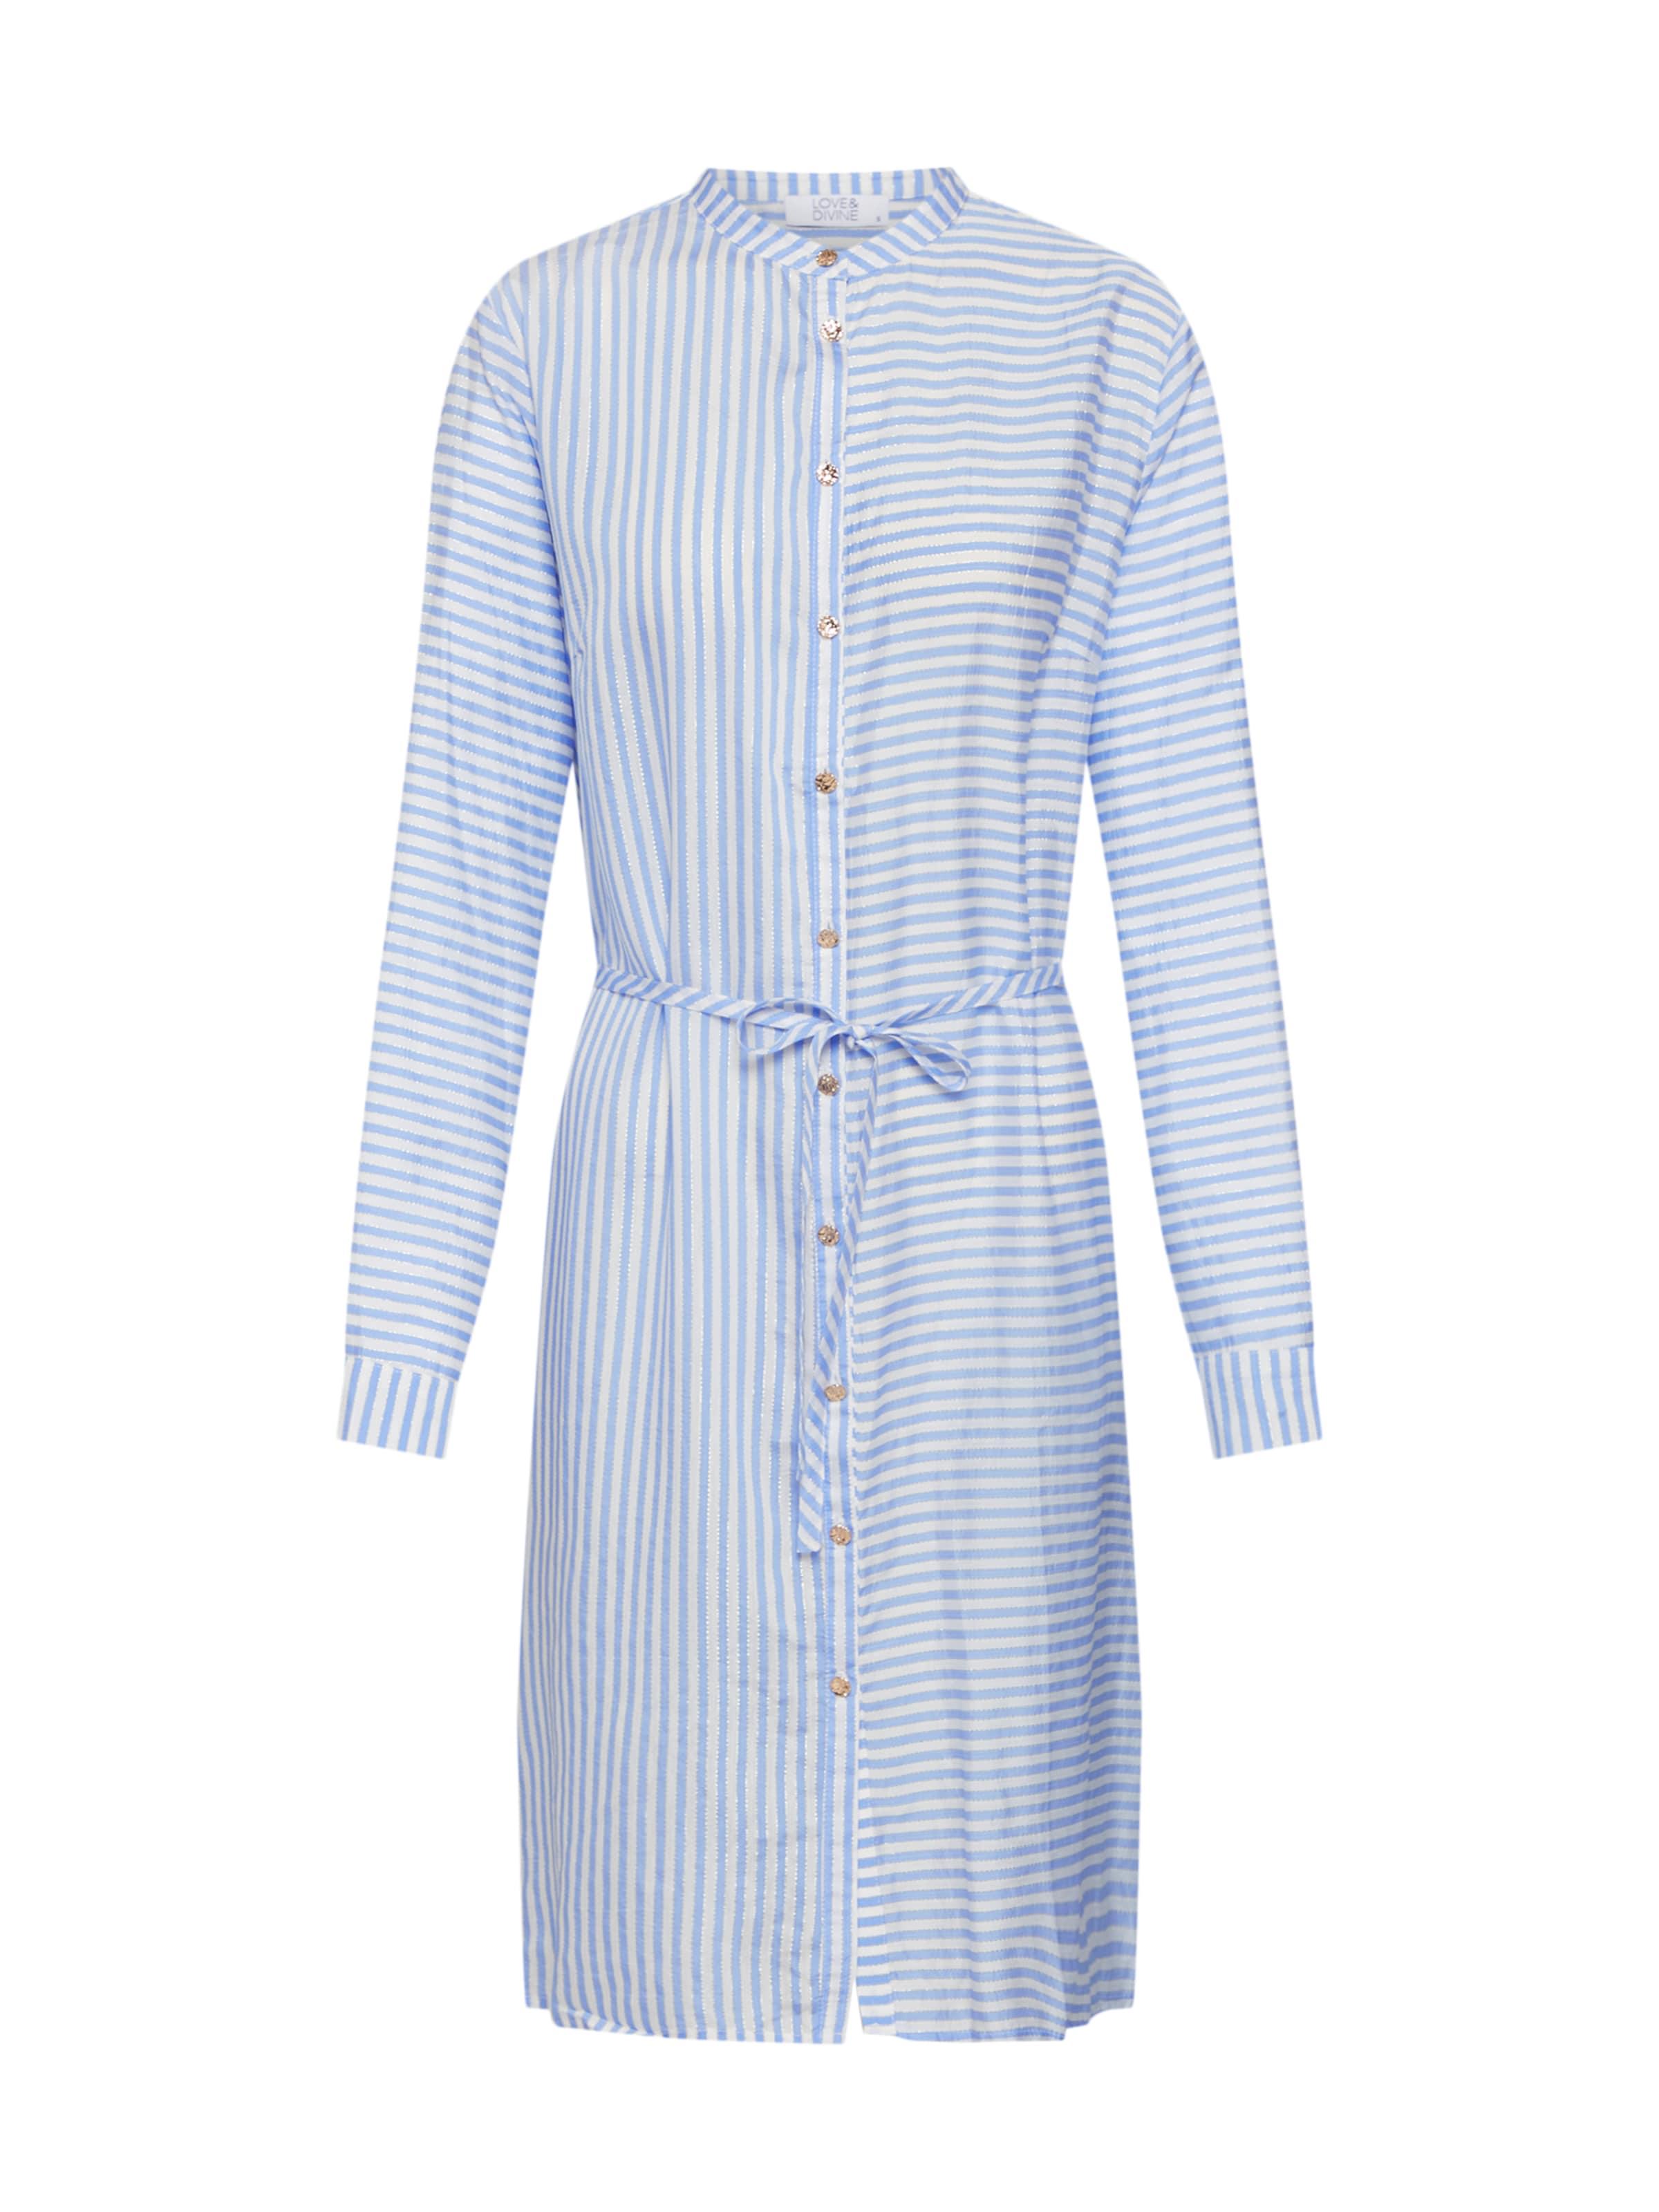 En chemise Divine Robe 'love344' BleuBlanc Loveamp; dCroeWxB